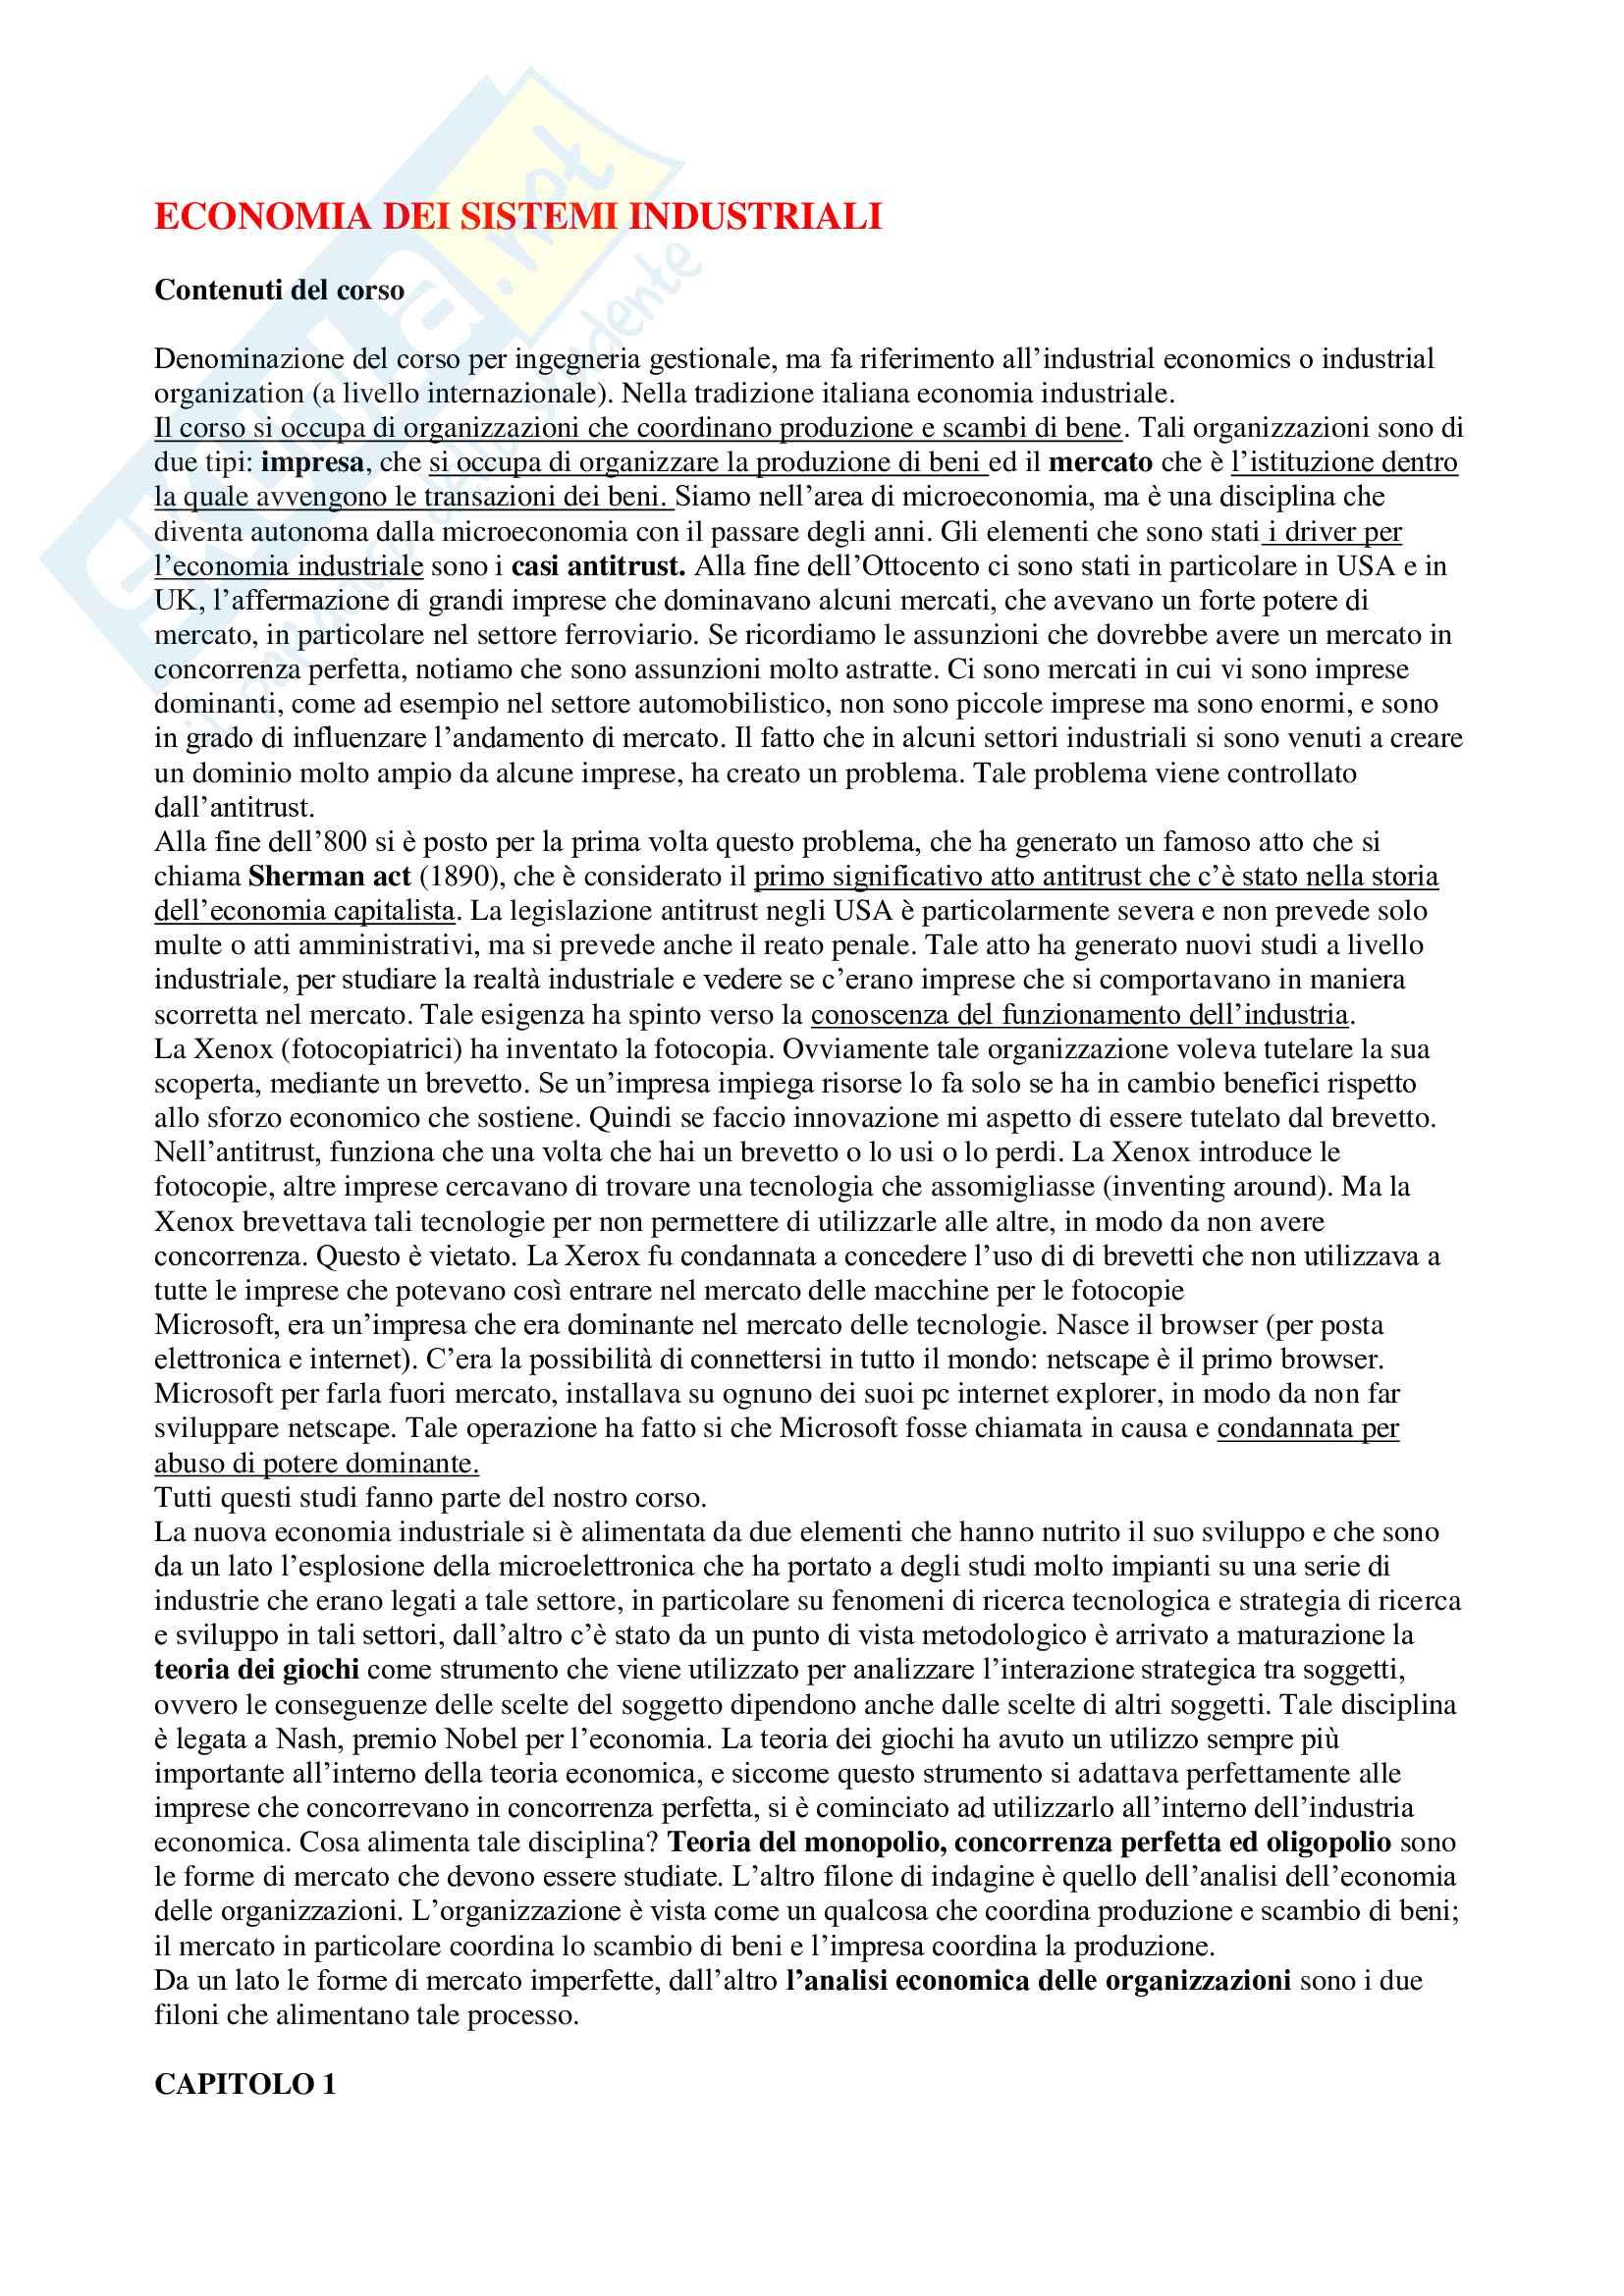 Appunti di Economia dei sistemi industriali, prof. Reverberi e Nastasi